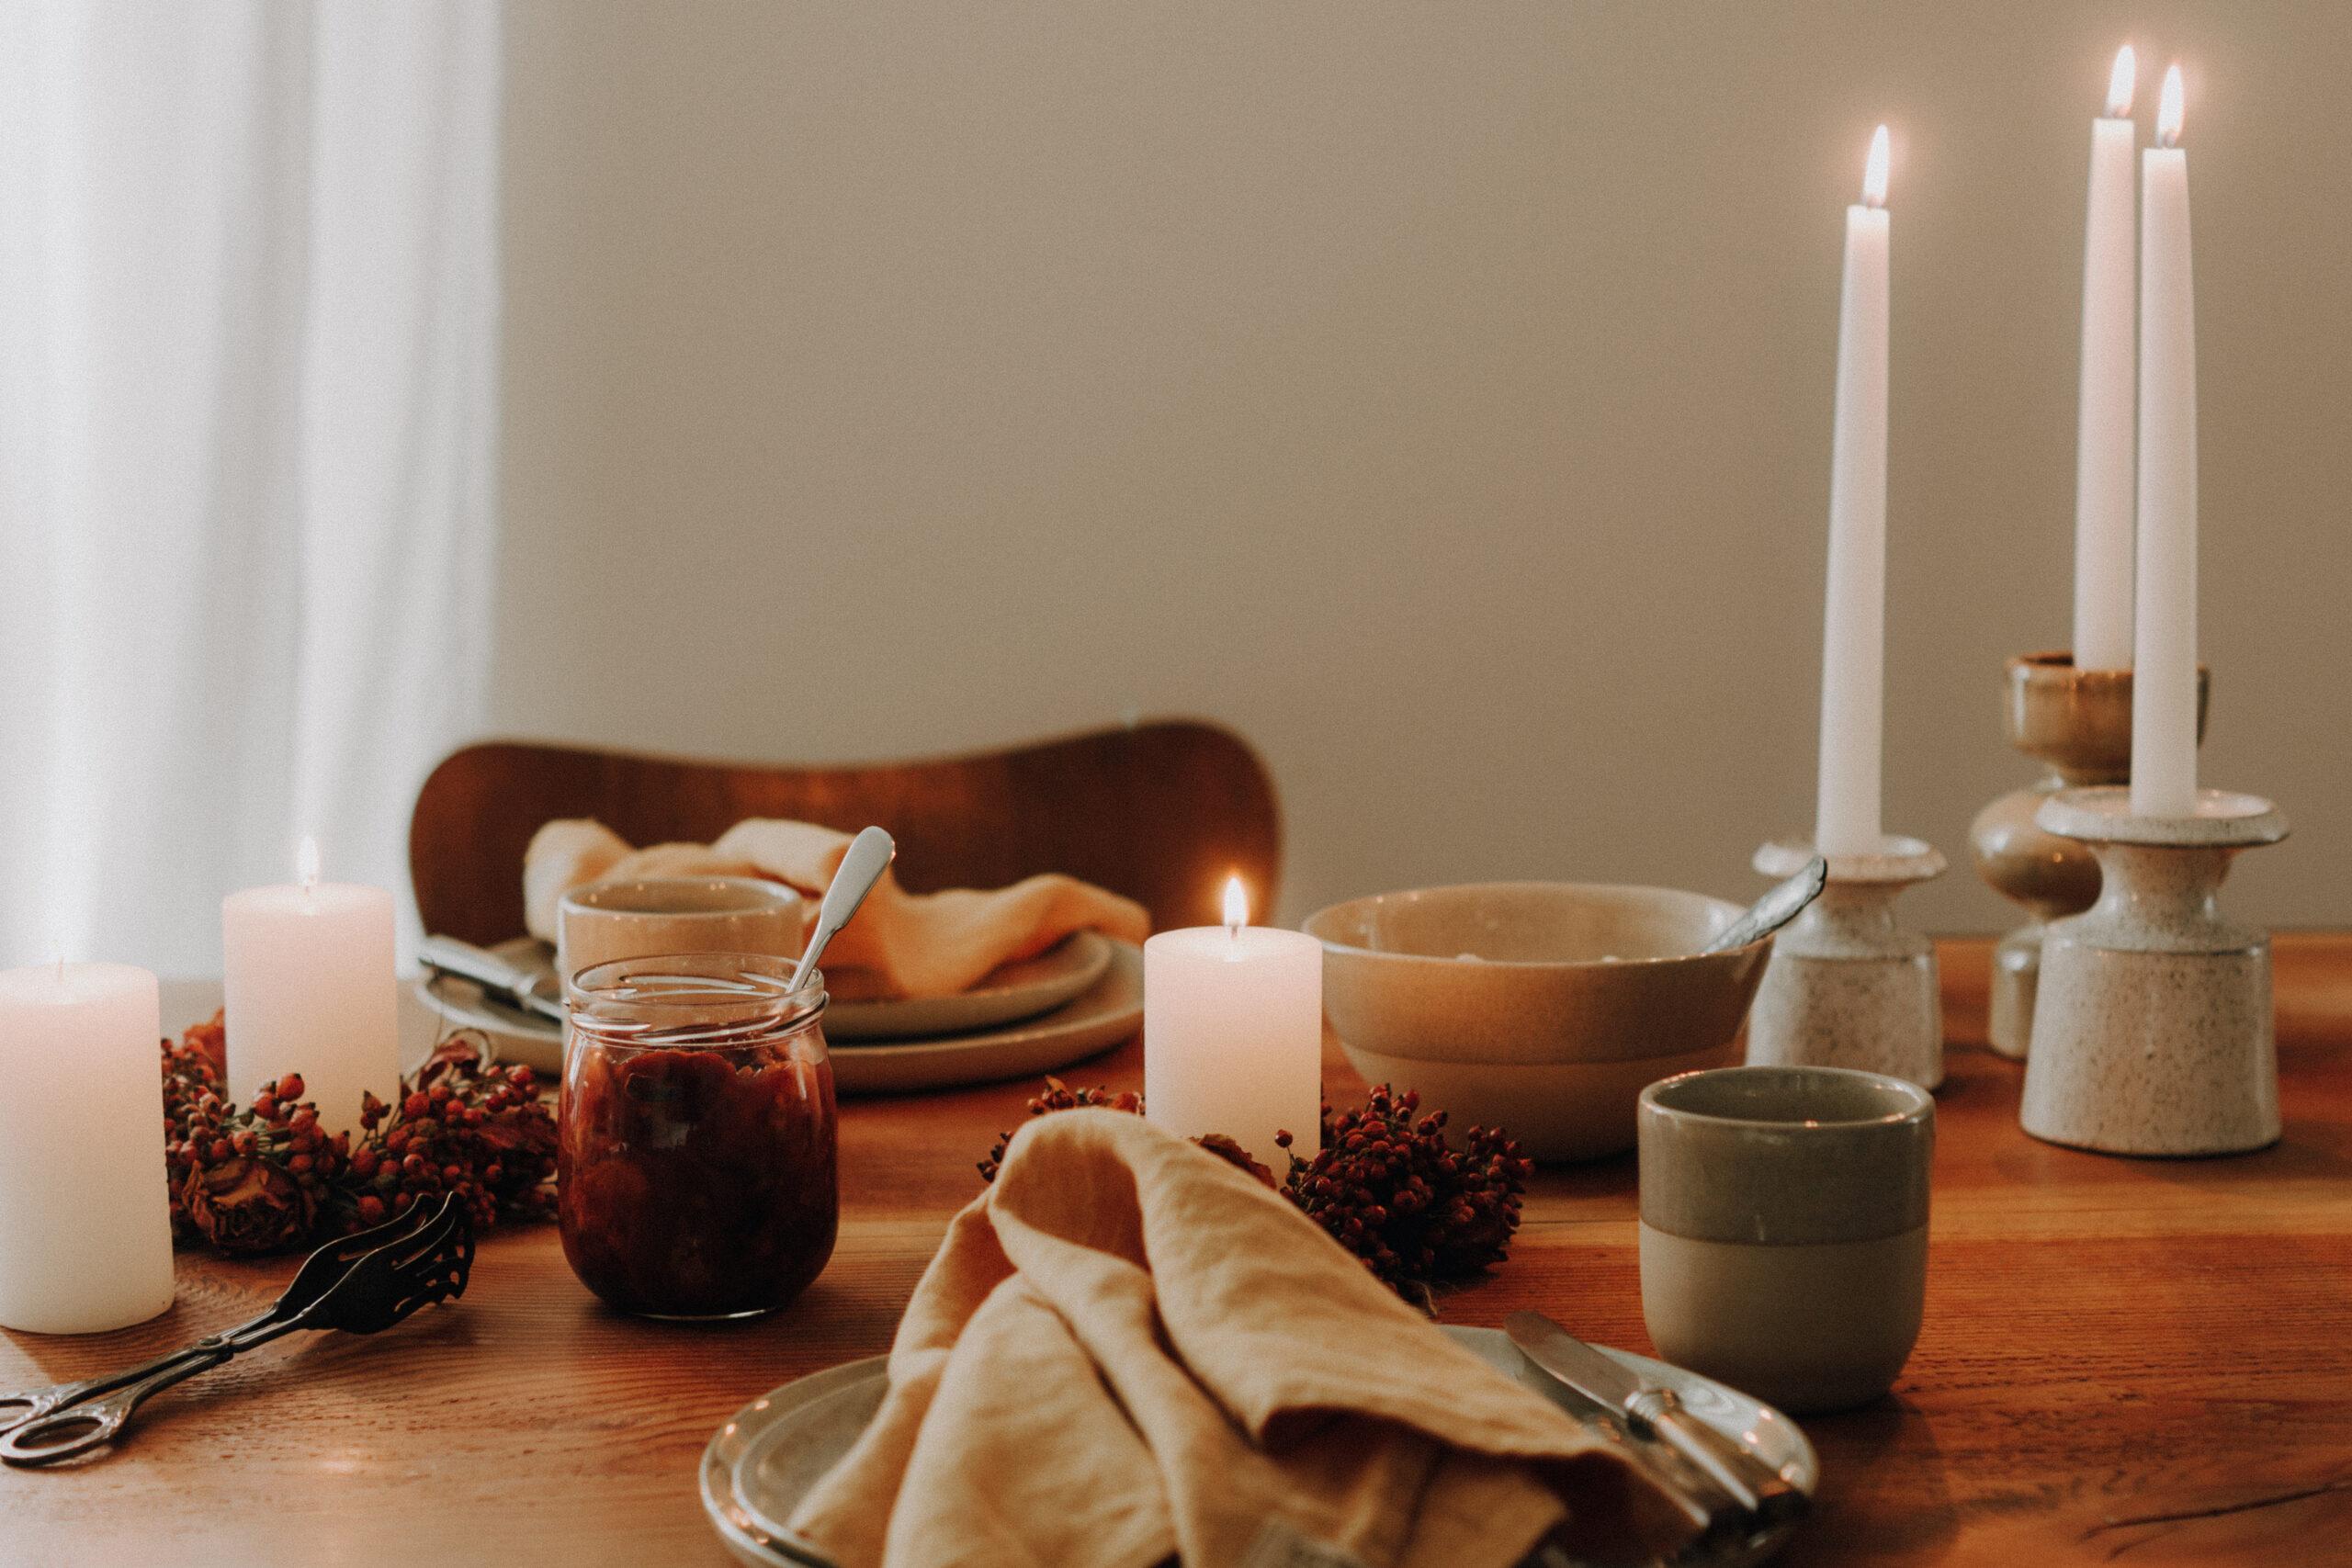 Hey Oktober – du wirst gemütlich! Herbstliche Tischdekoration, Waffeln & Zwetschgenröster